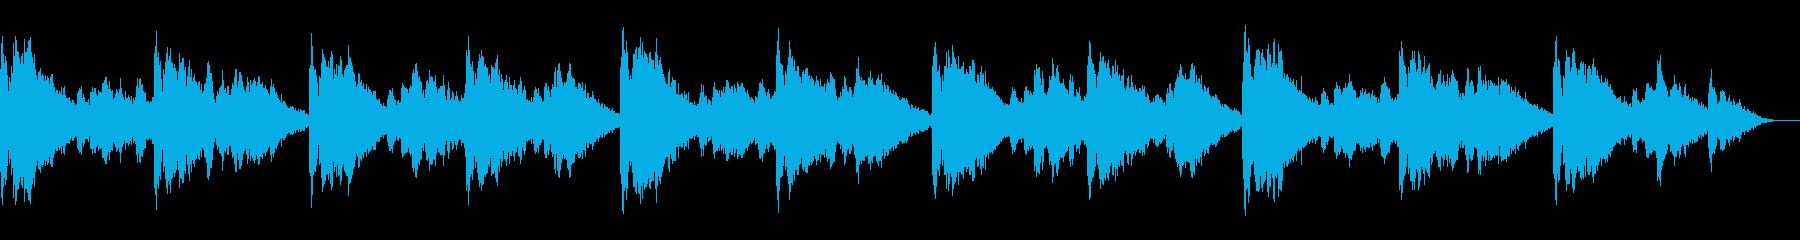 エレピによるふわふわしたチルアウトです。の再生済みの波形